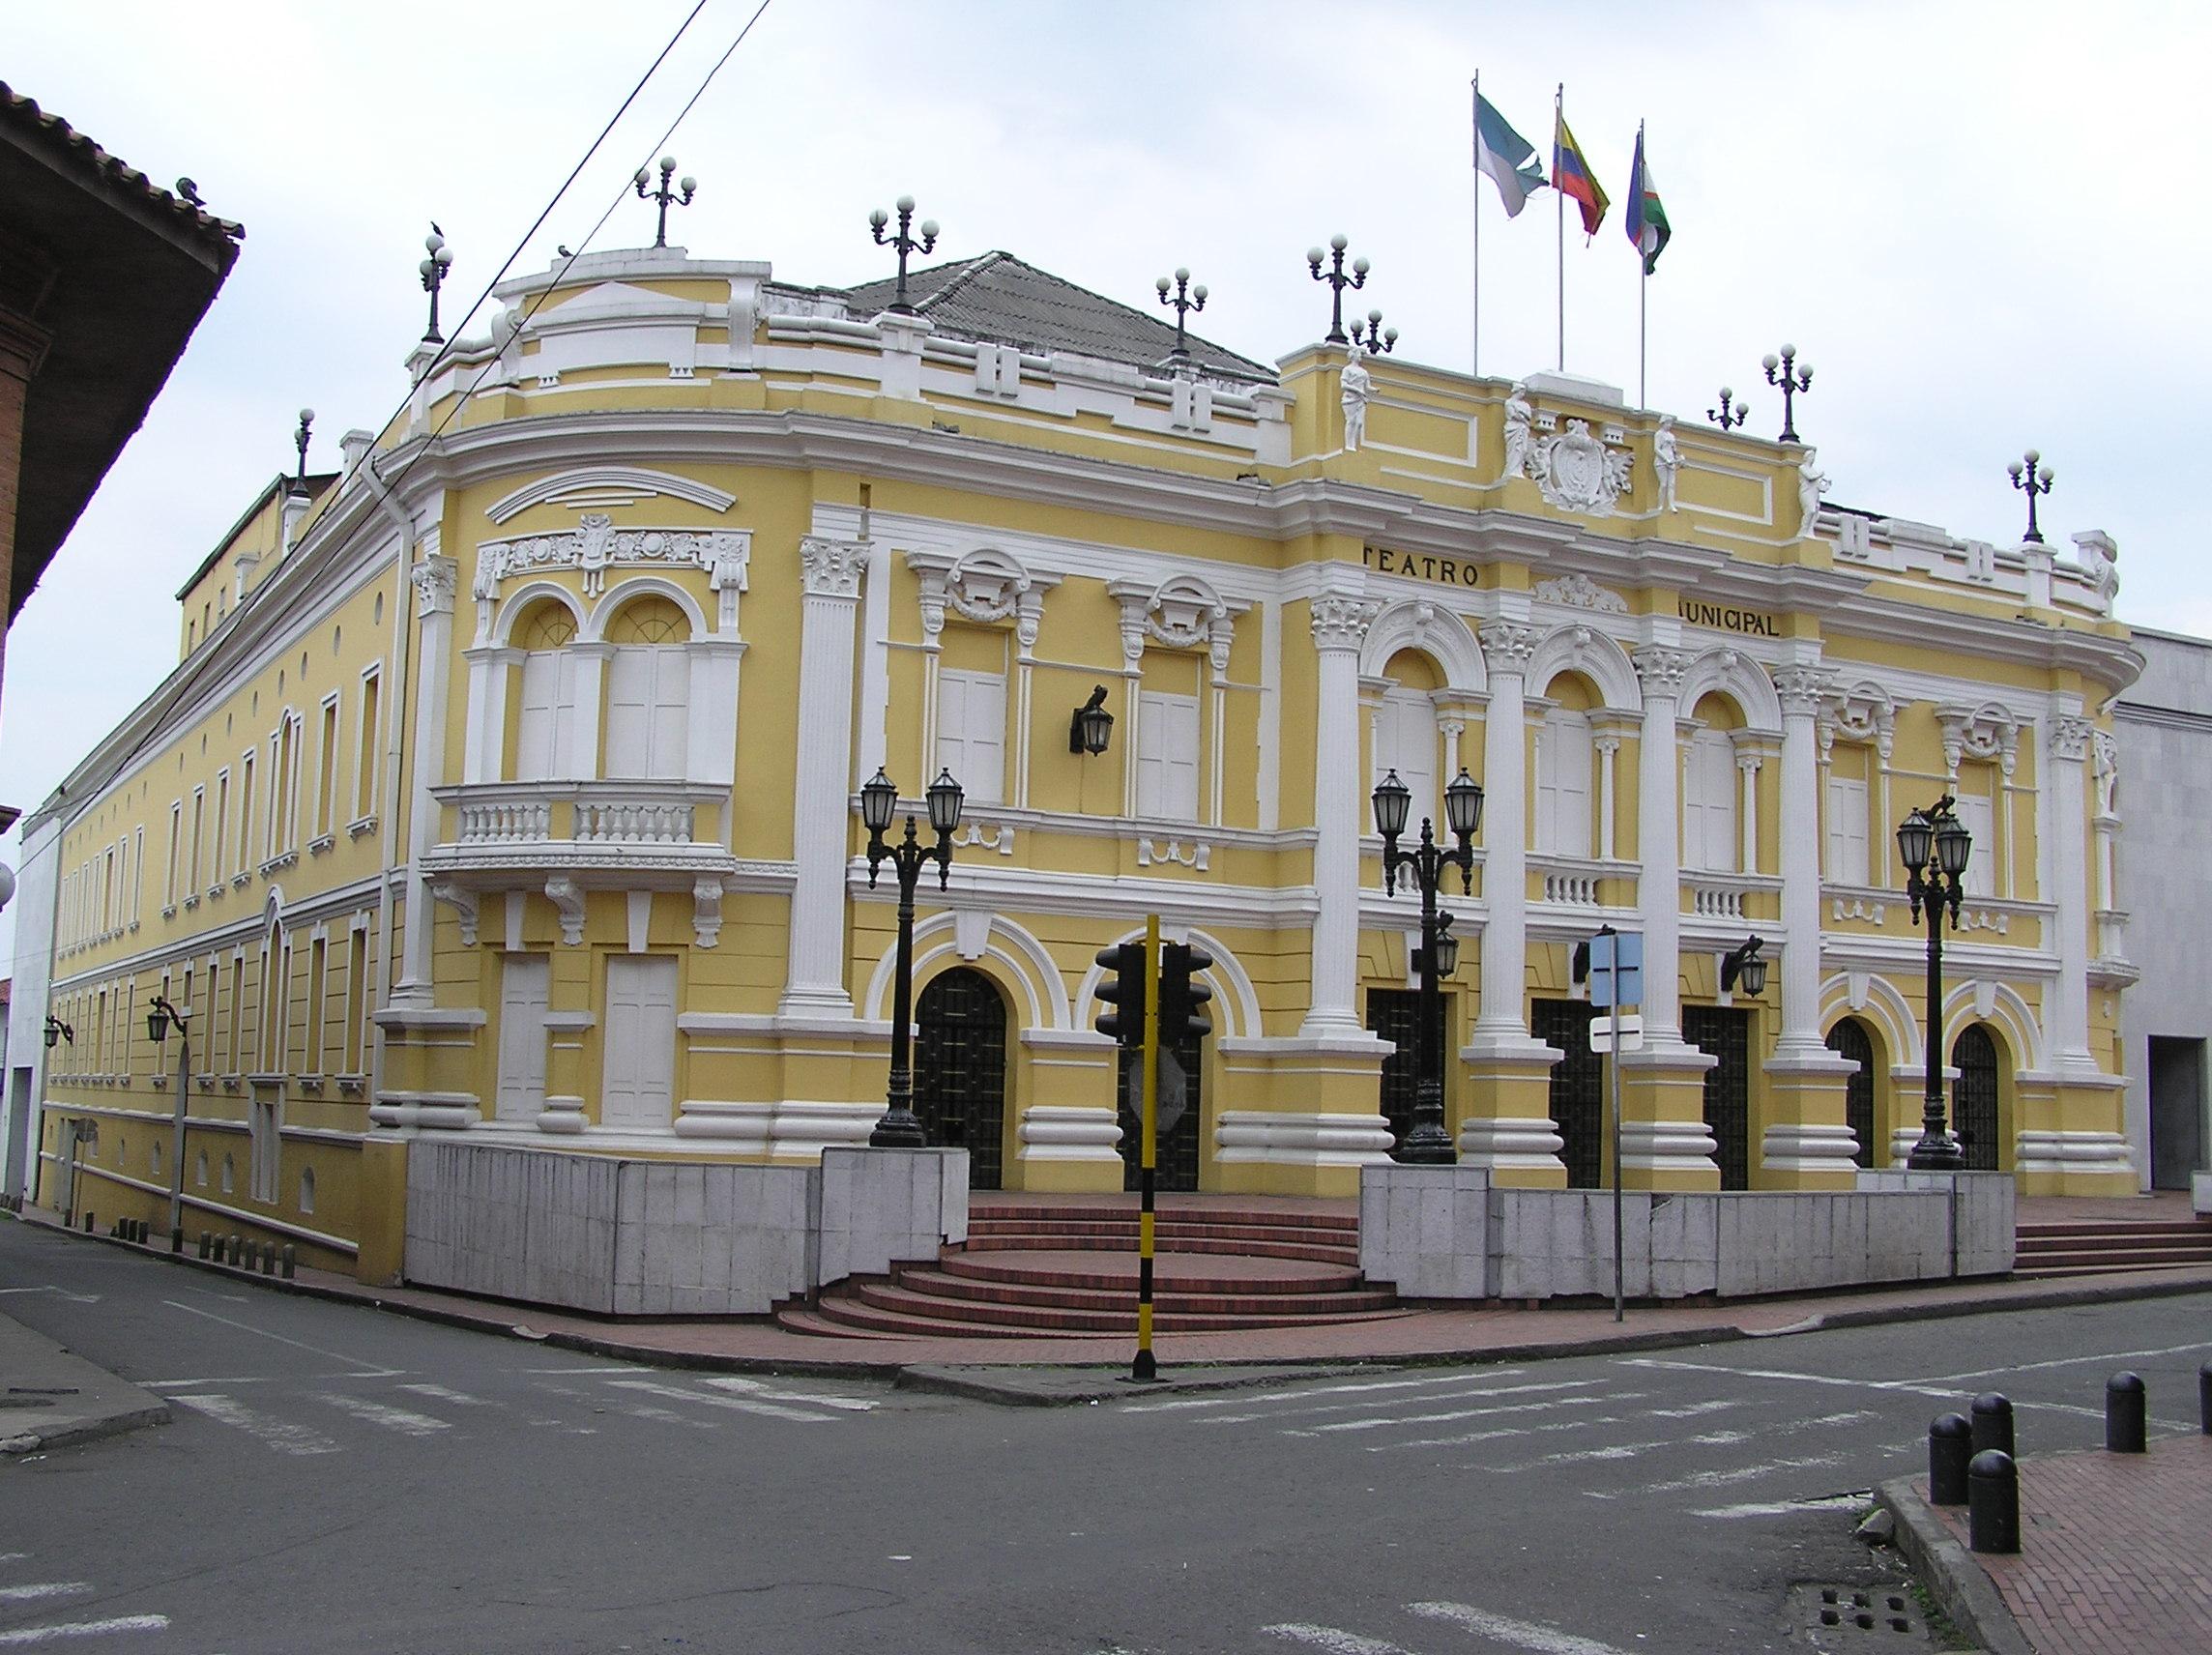 Archivo Teatro Municipal Cali 2 Jpg Wikipedia La